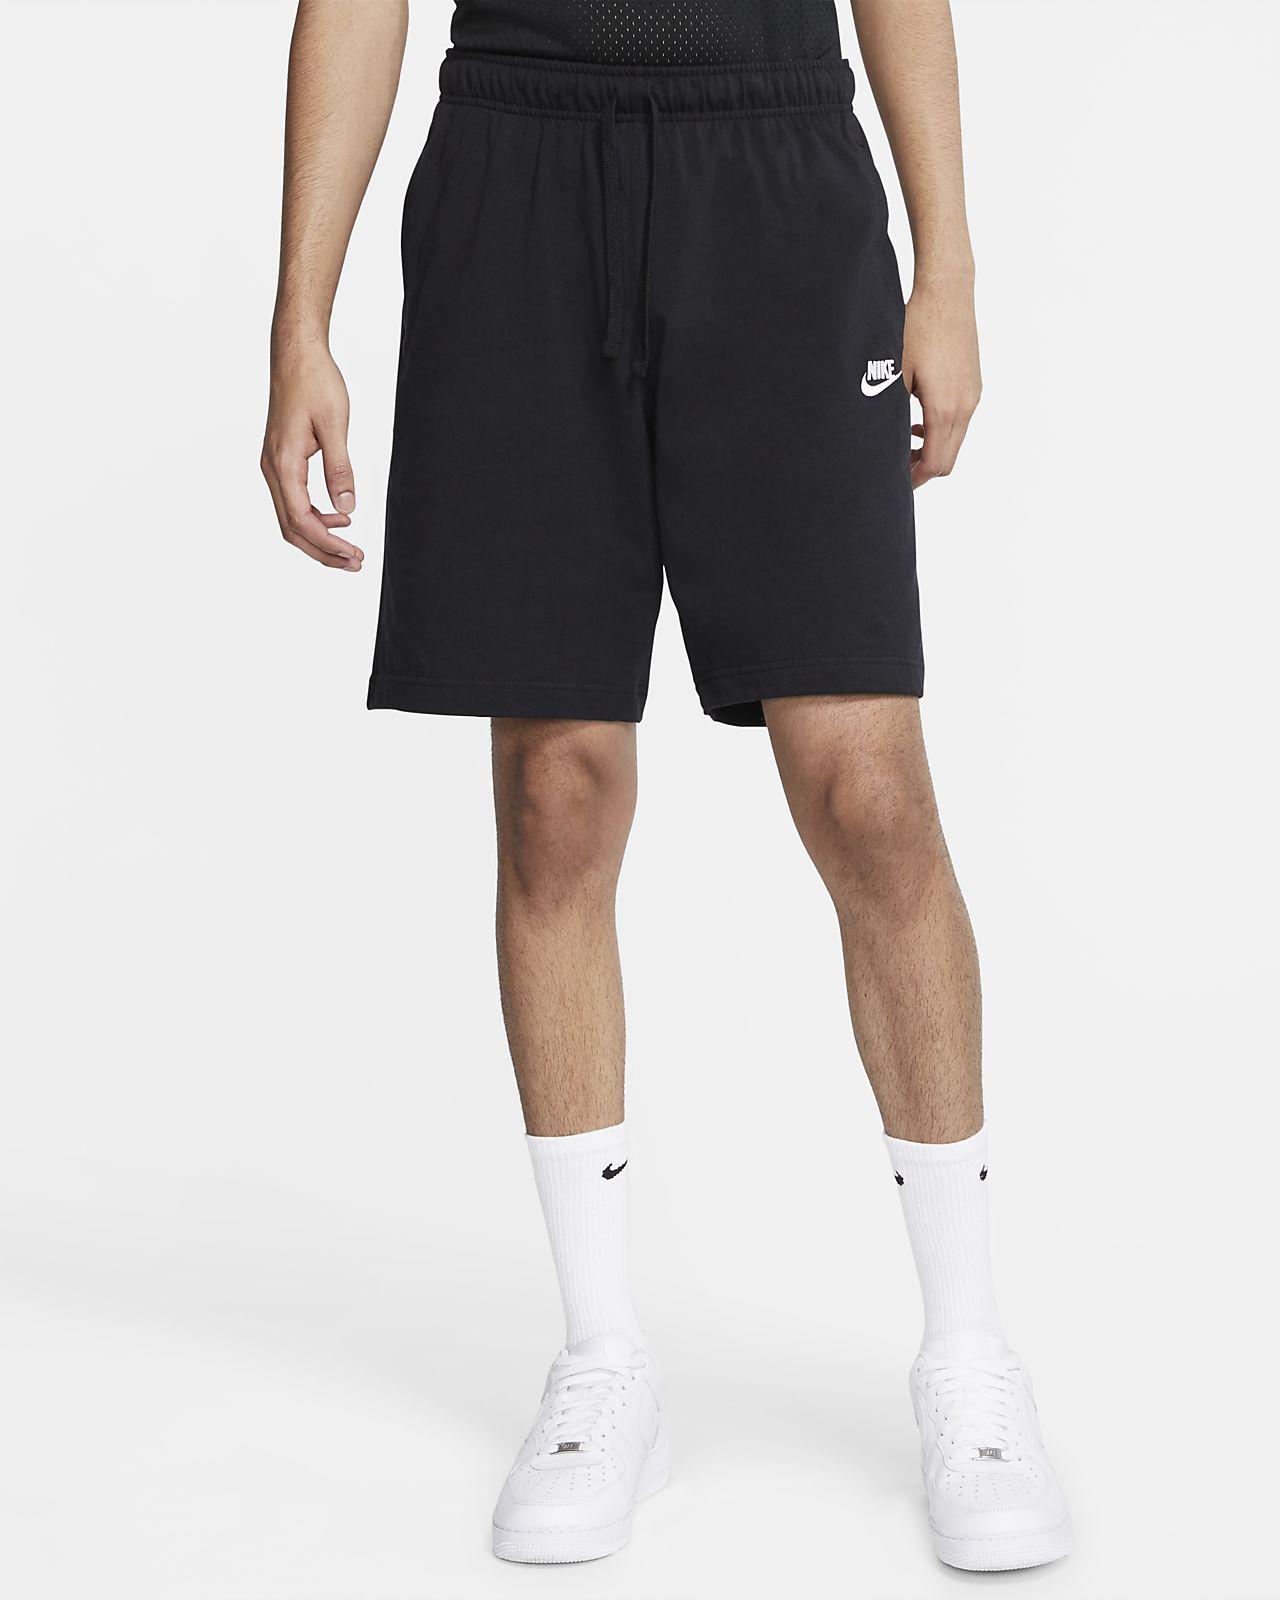 shorts nike homme